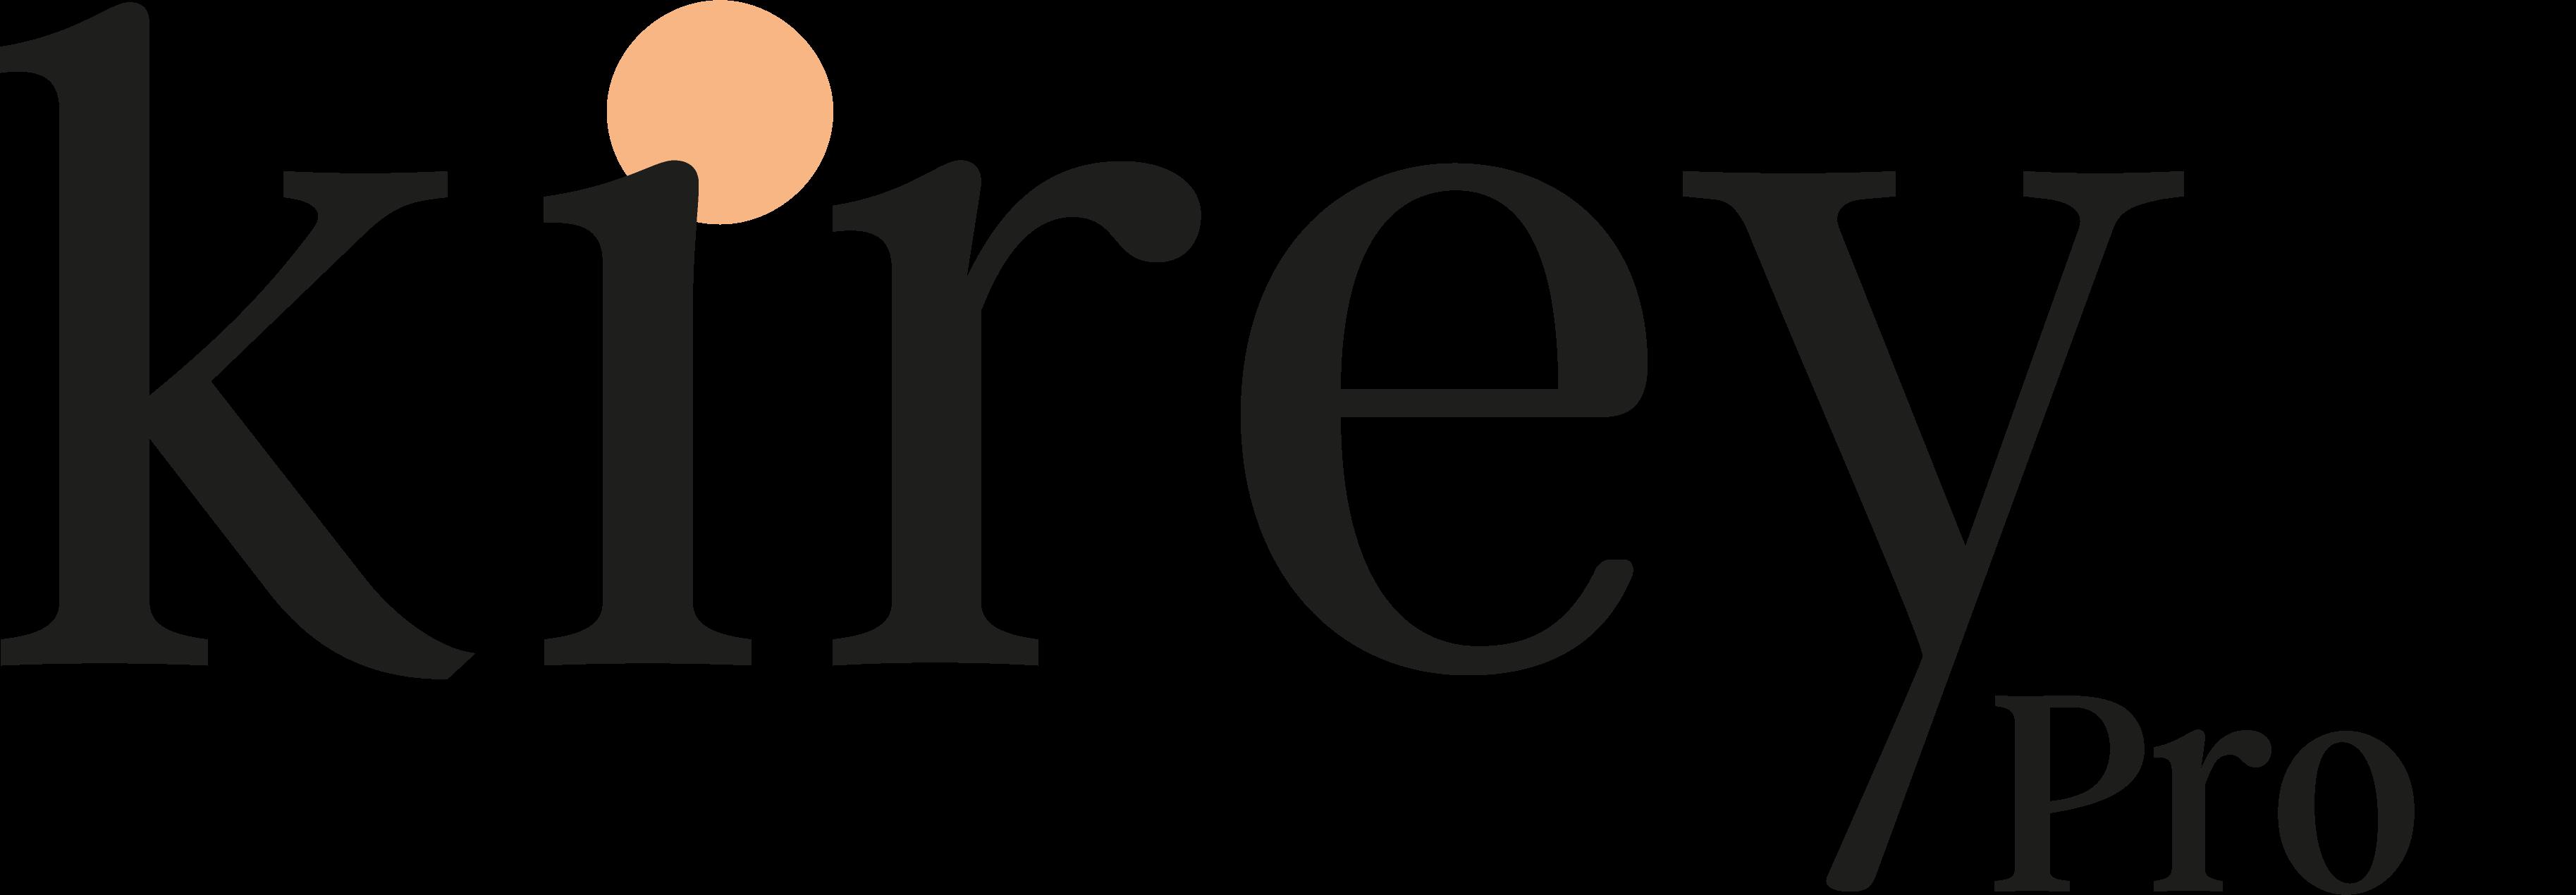 useKirey